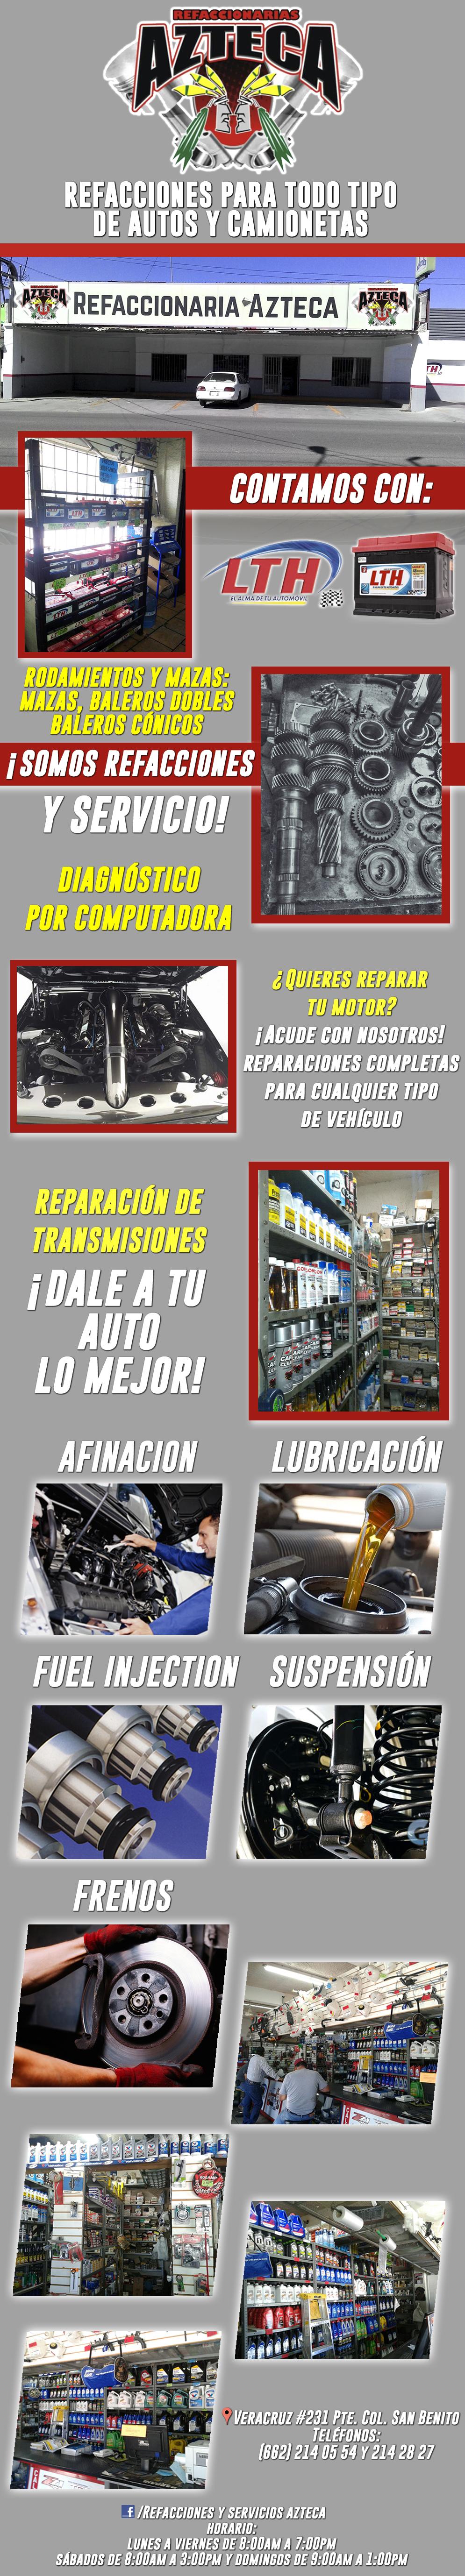 refaccionaria azteca matriz en hermosillo anunciado por On refaccionarias en hermosillo